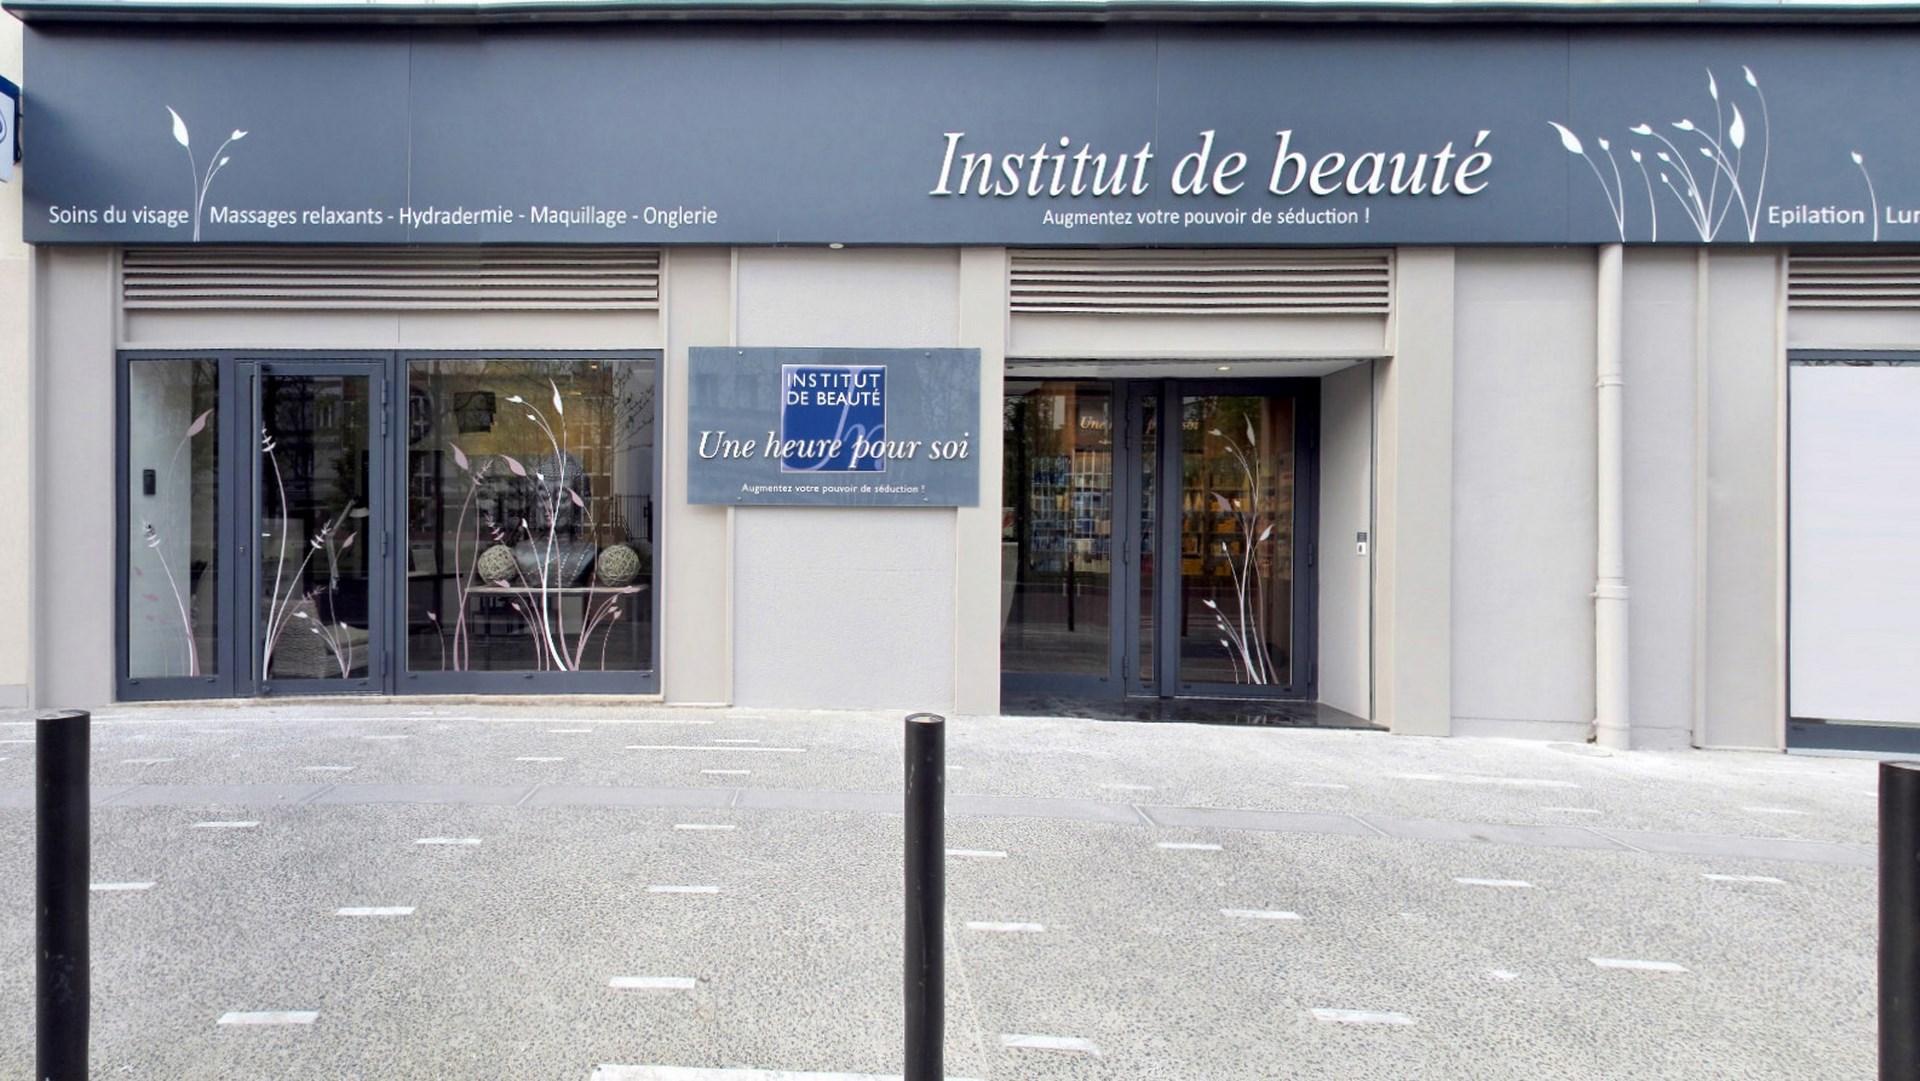 Cration du concept architectural institut de beaut Une heure pour soi Rueil Malmaison